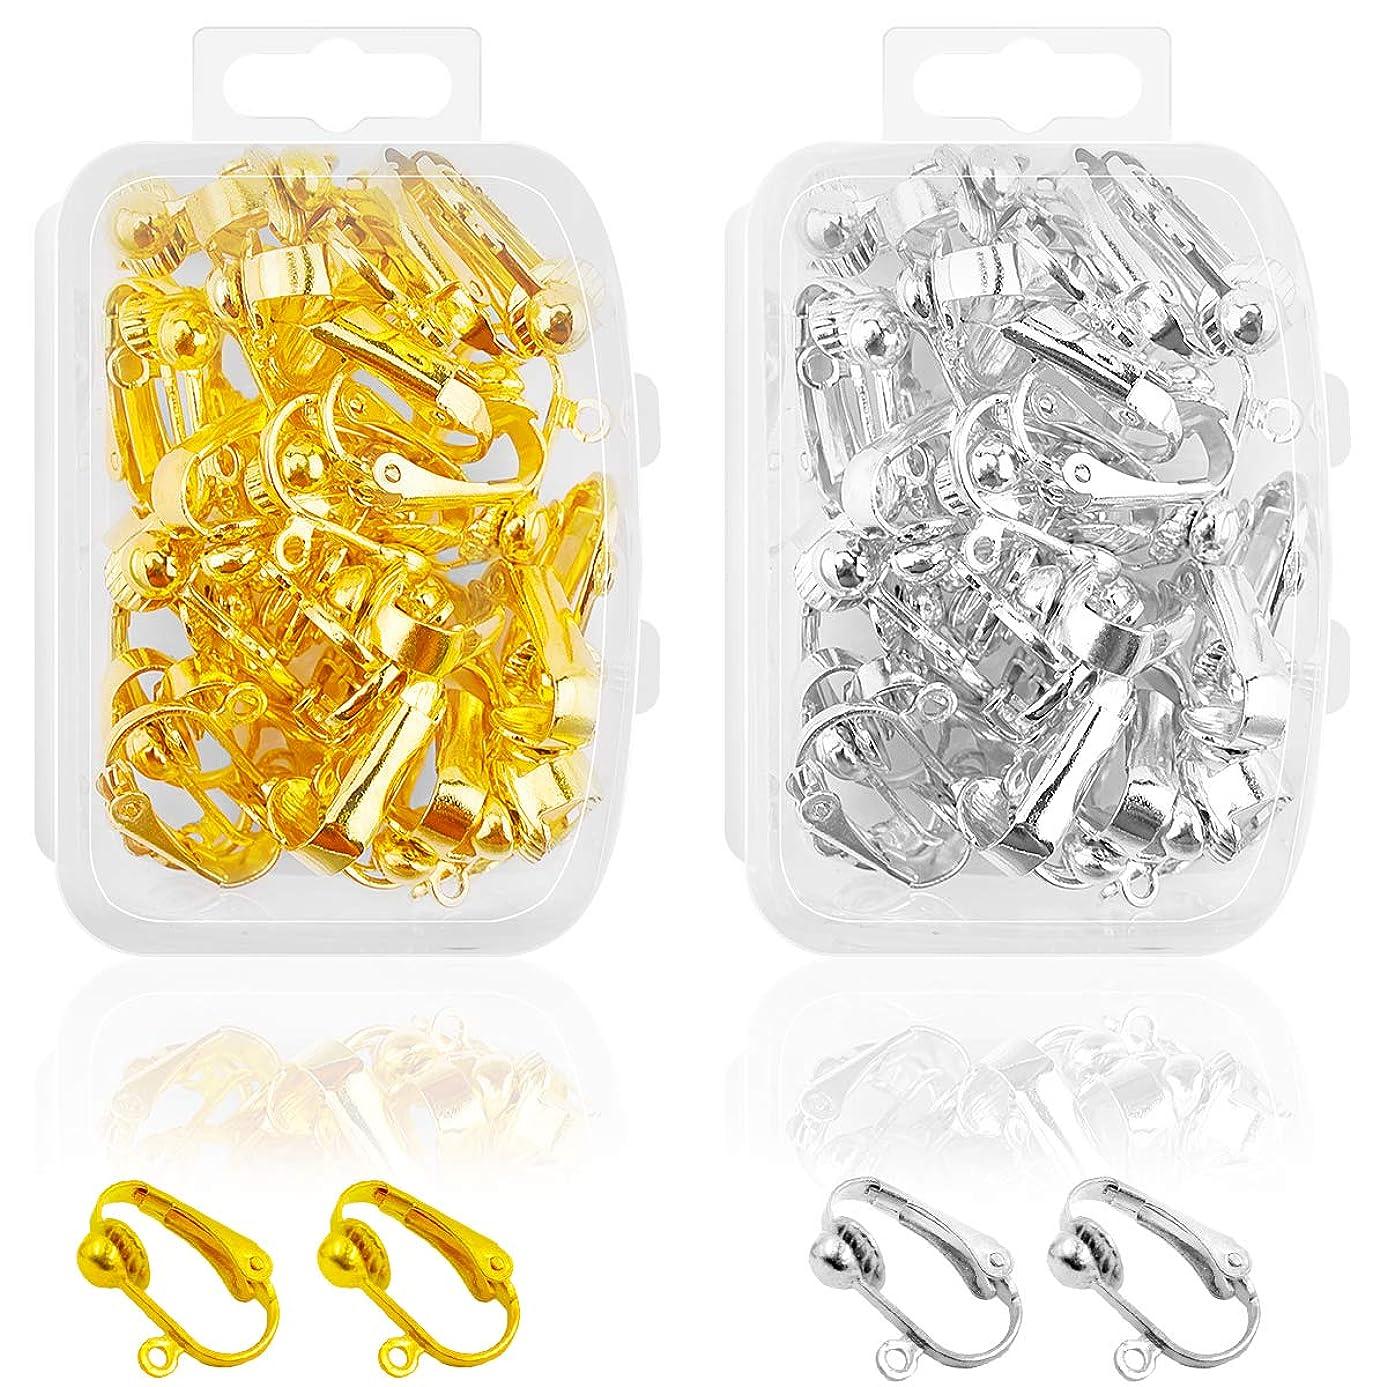 Clip on Earring Findings Supplies - Jewelry Earring Findings Lever Back Earring Clip Backs Non Pierced Earrings for Women DIY Earrings